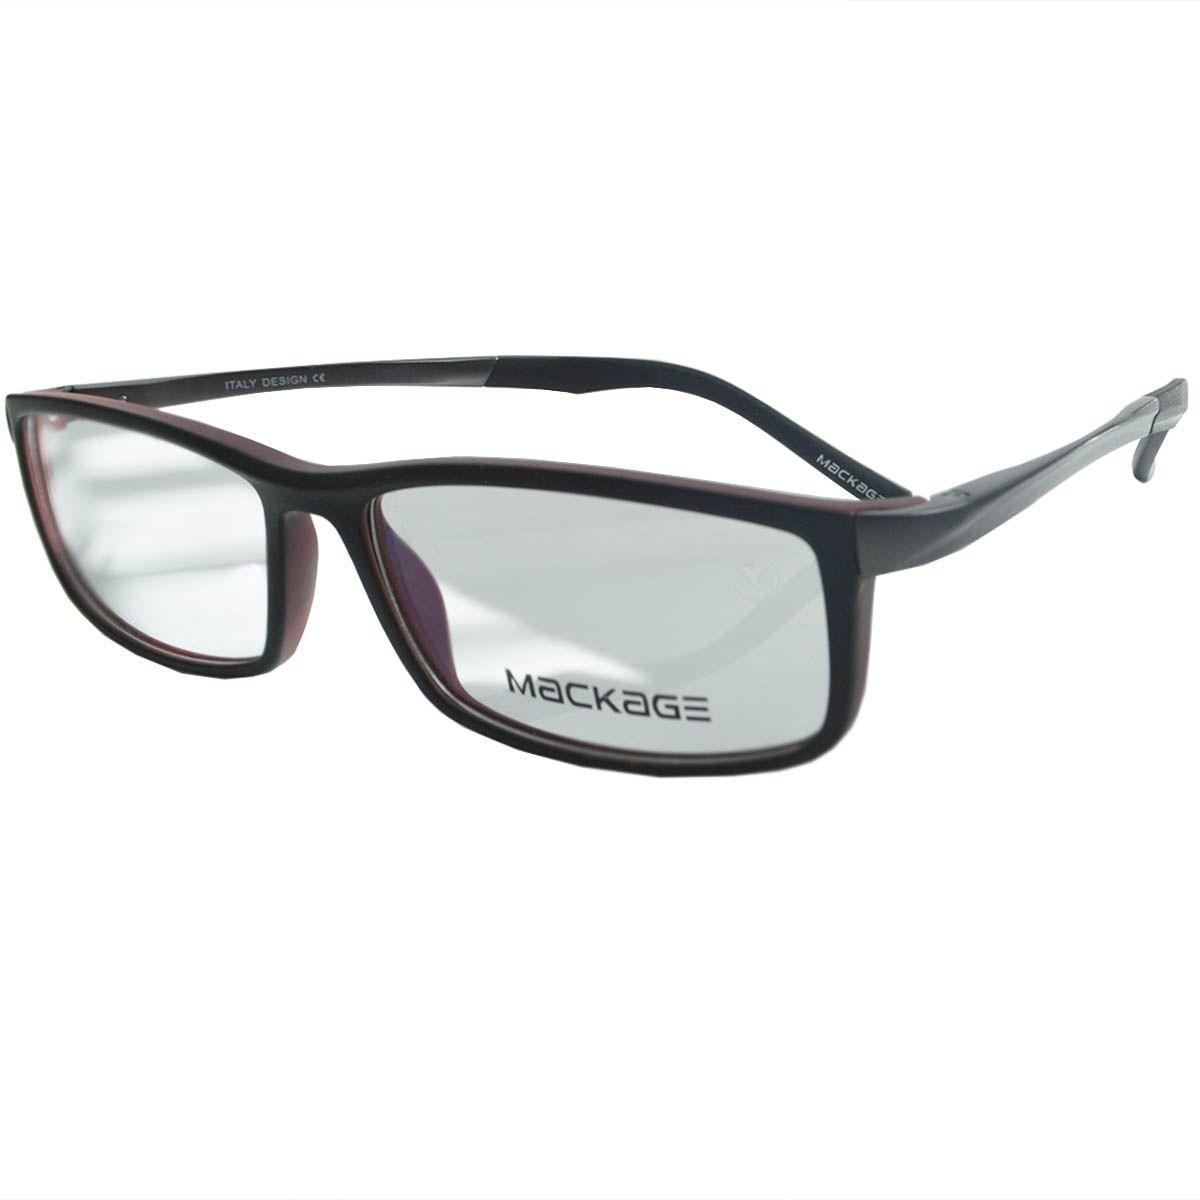 Óculos Mackage - Armação MKA9049C2 Preto Vermelho